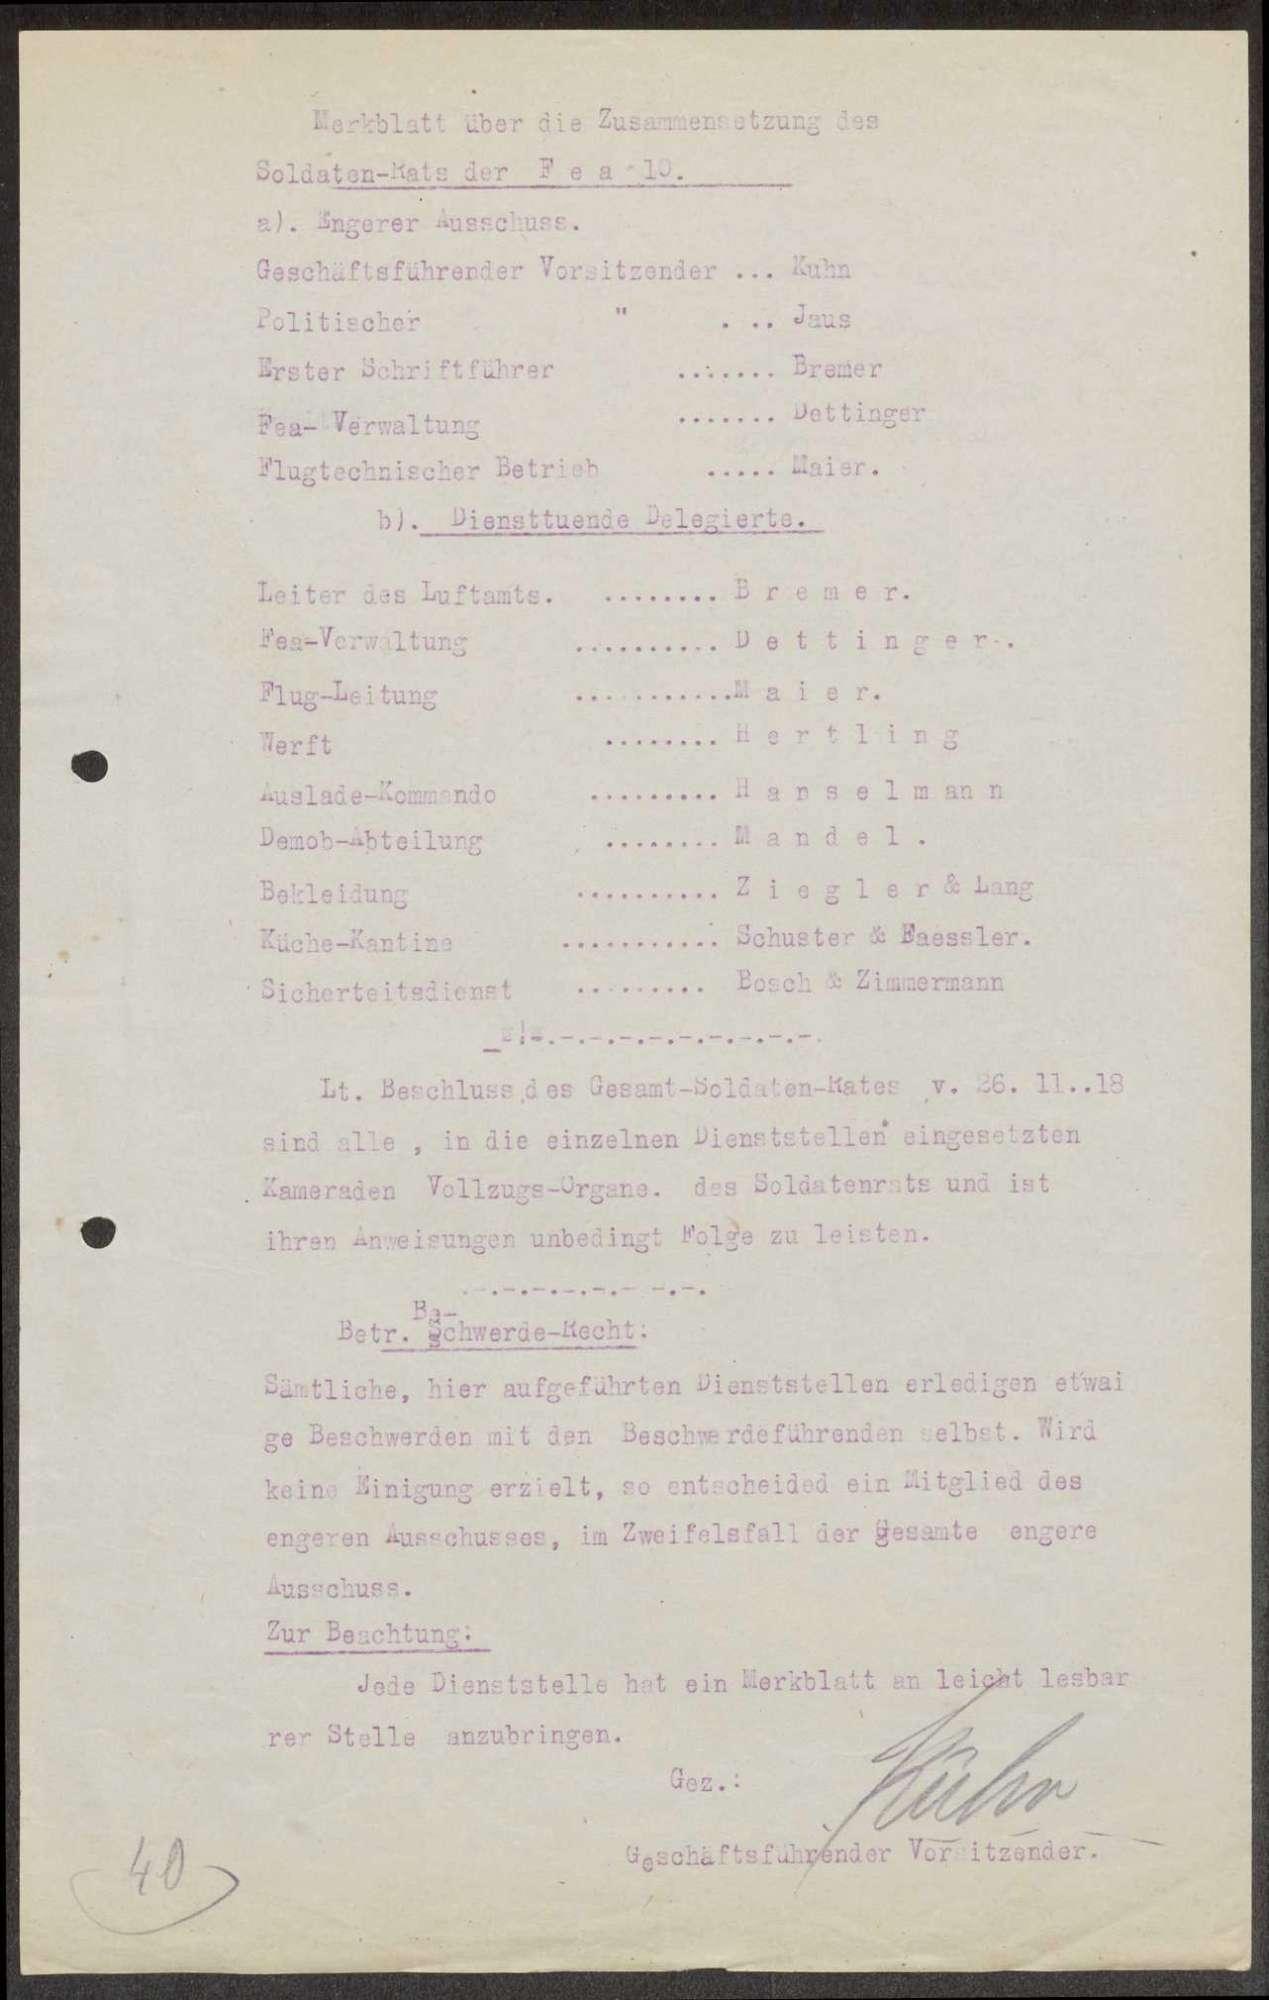 Zusammensetzung des Garnison- und Soldatenrates der Flieger-Ersatz-Abteilung 10, Bild 2